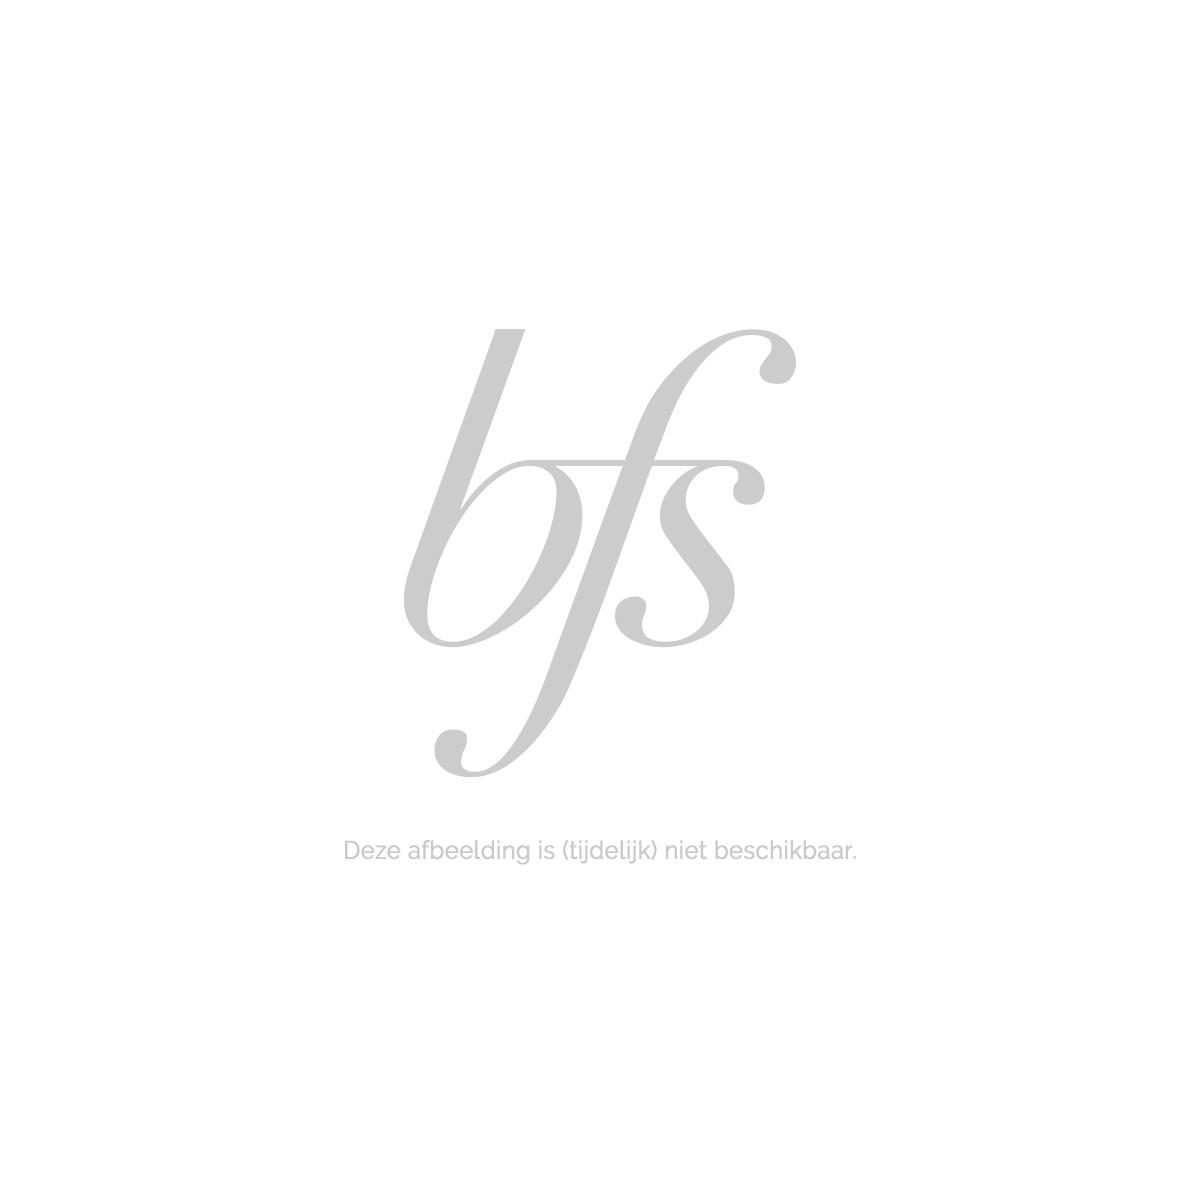 Afbeelding van Combinal Wenkbrauwen Wimperverf Blauw/Zwart 15ml